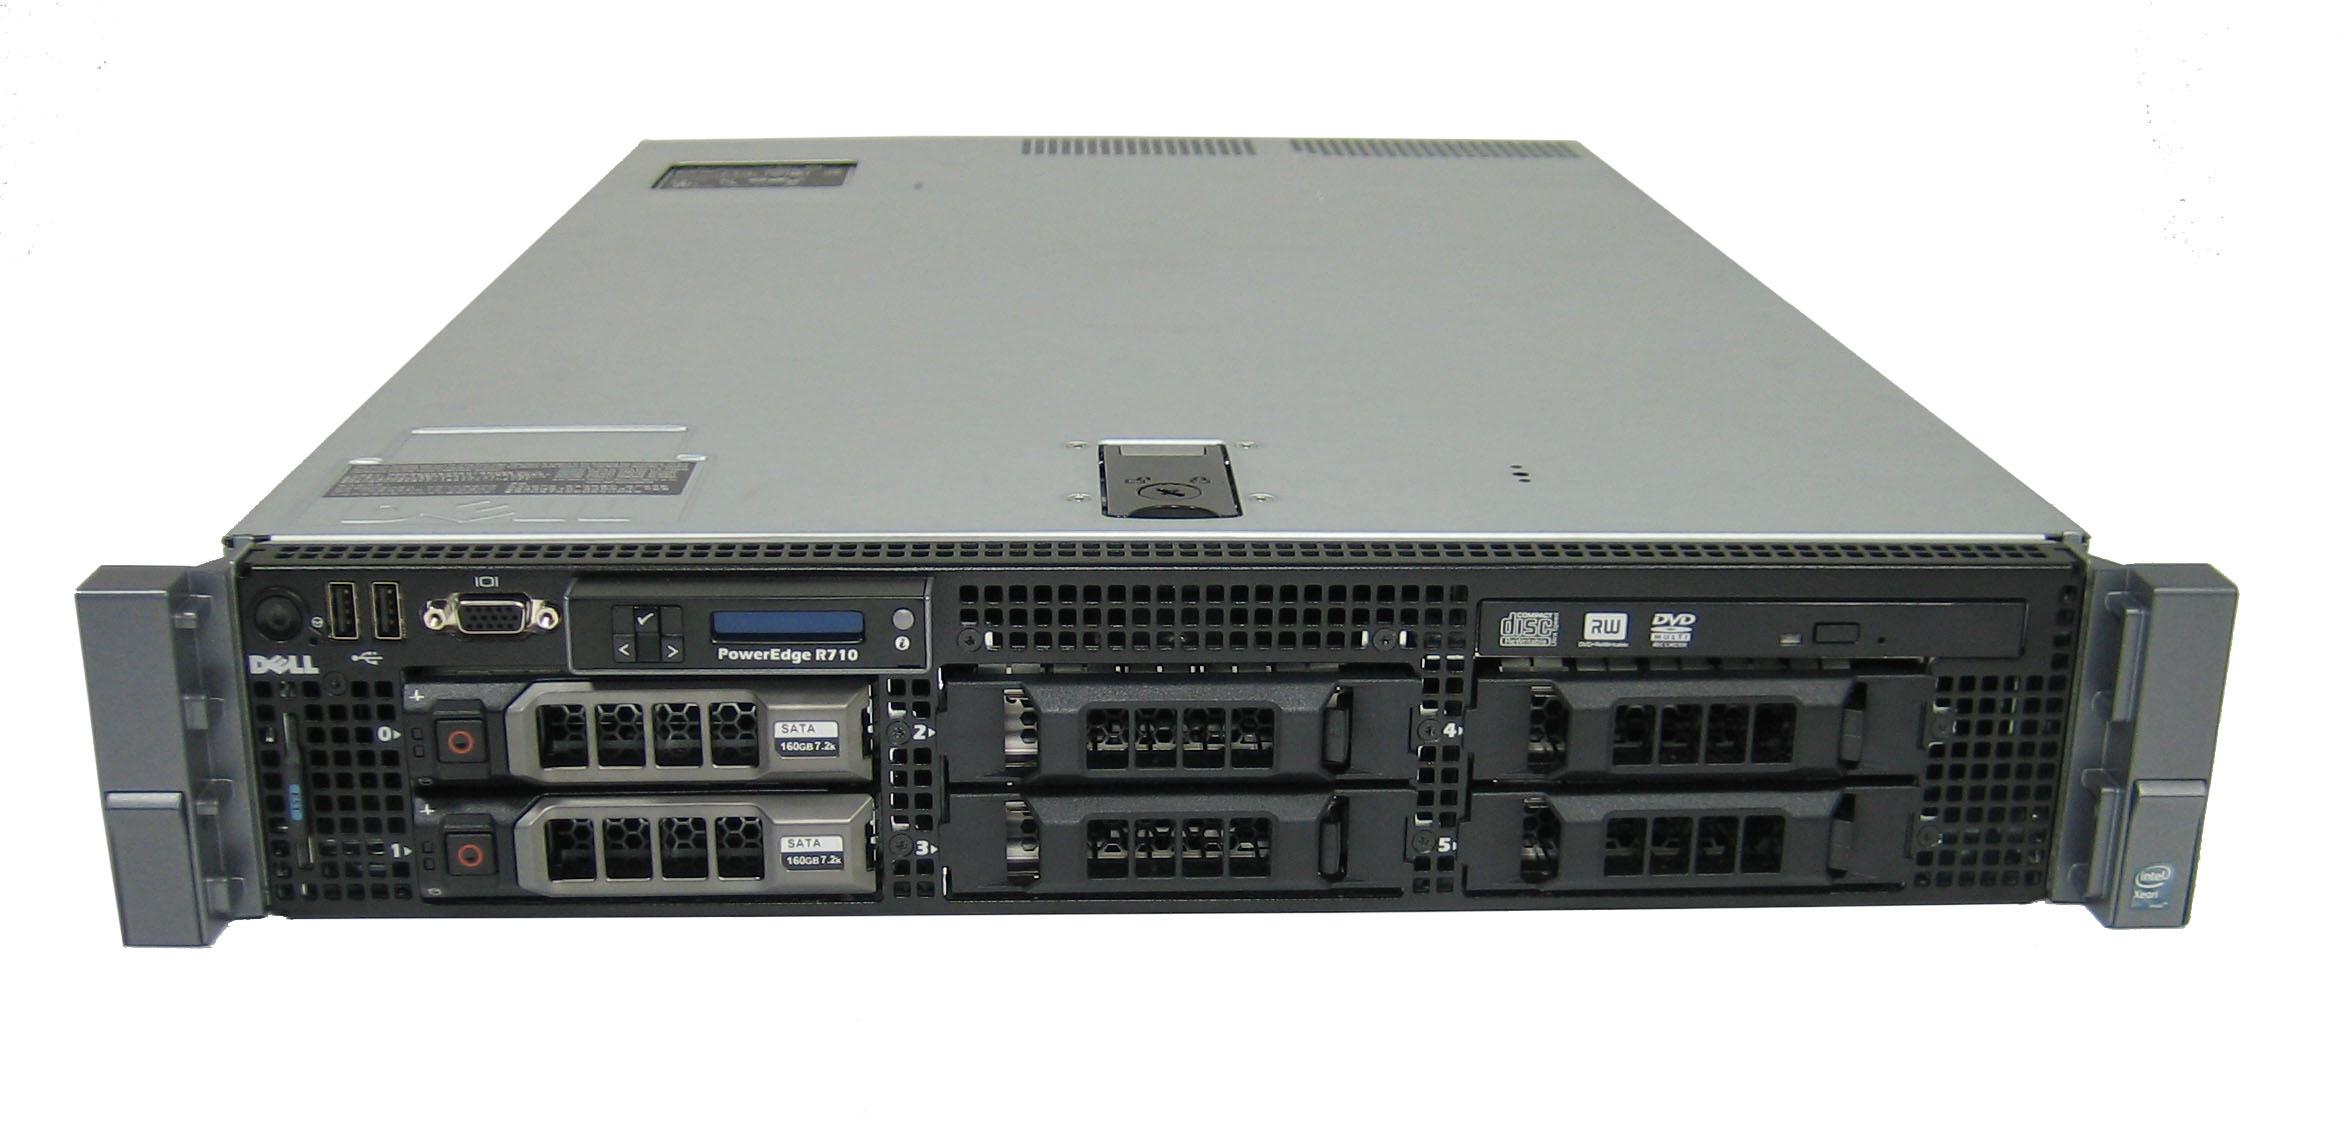 PowerEdge R710